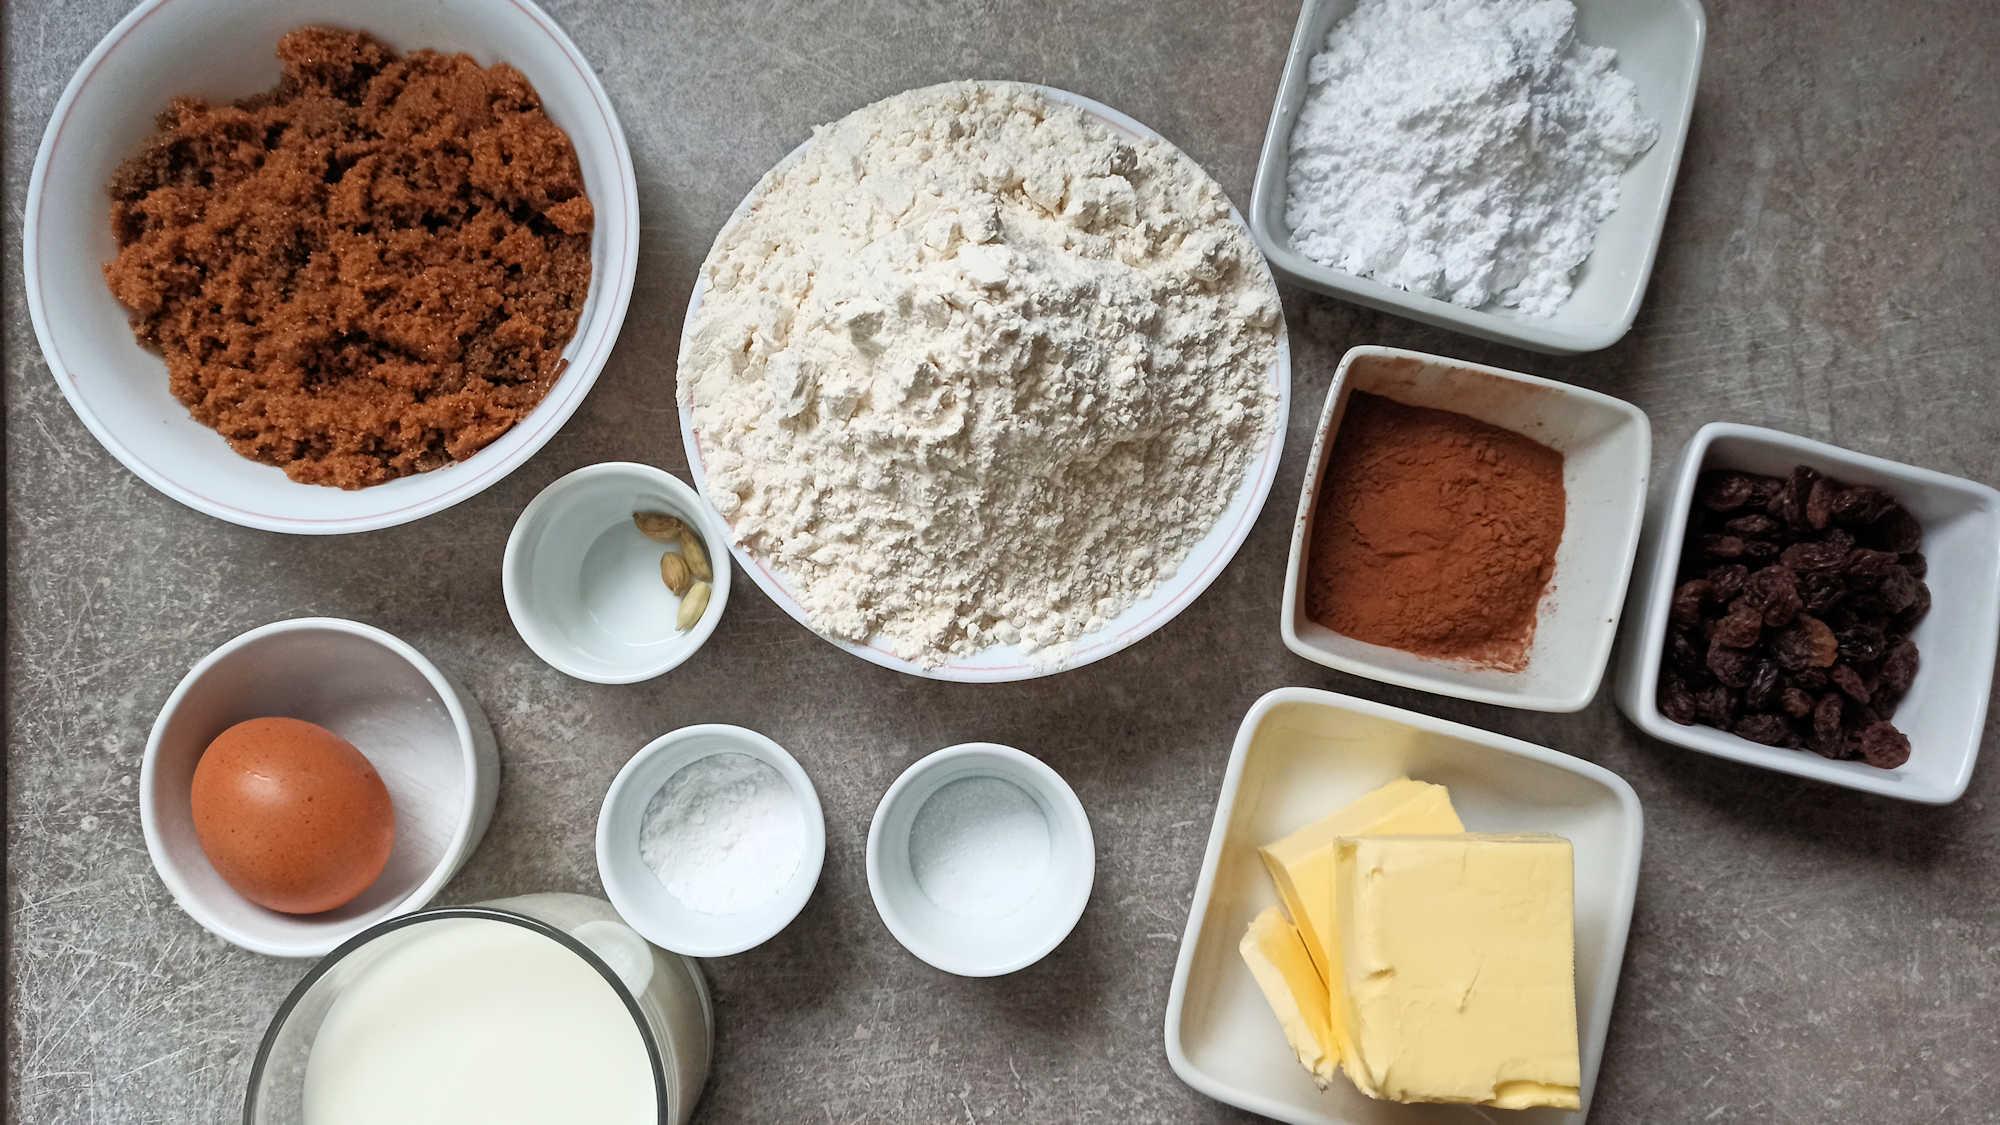 Ingrédients pour le cinnamon bun géant